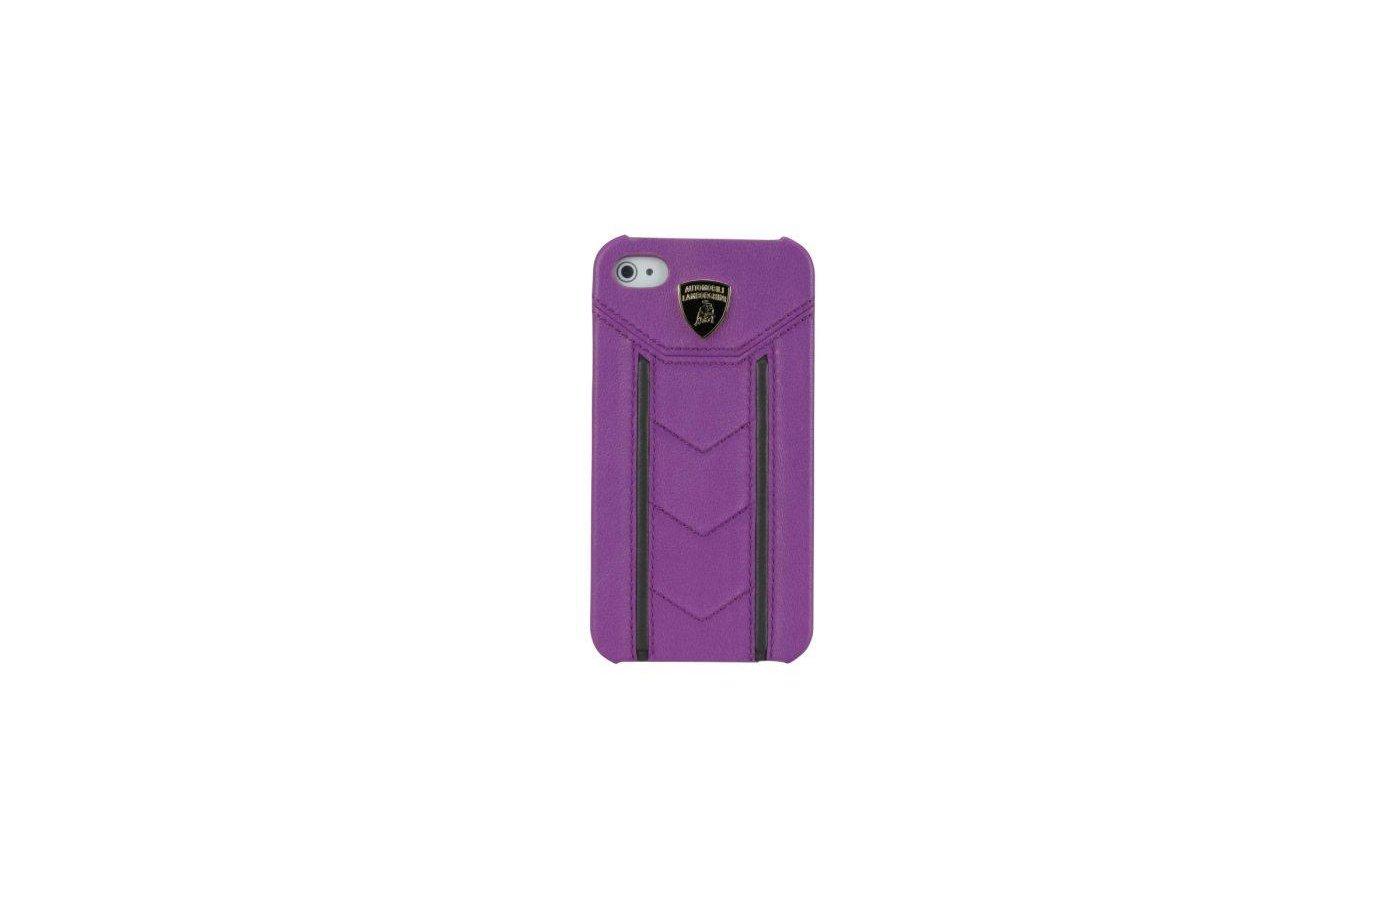 Чехол Lamborghini Gallardo-D2 для iPhone 4/4S (фиолетовый/черный)